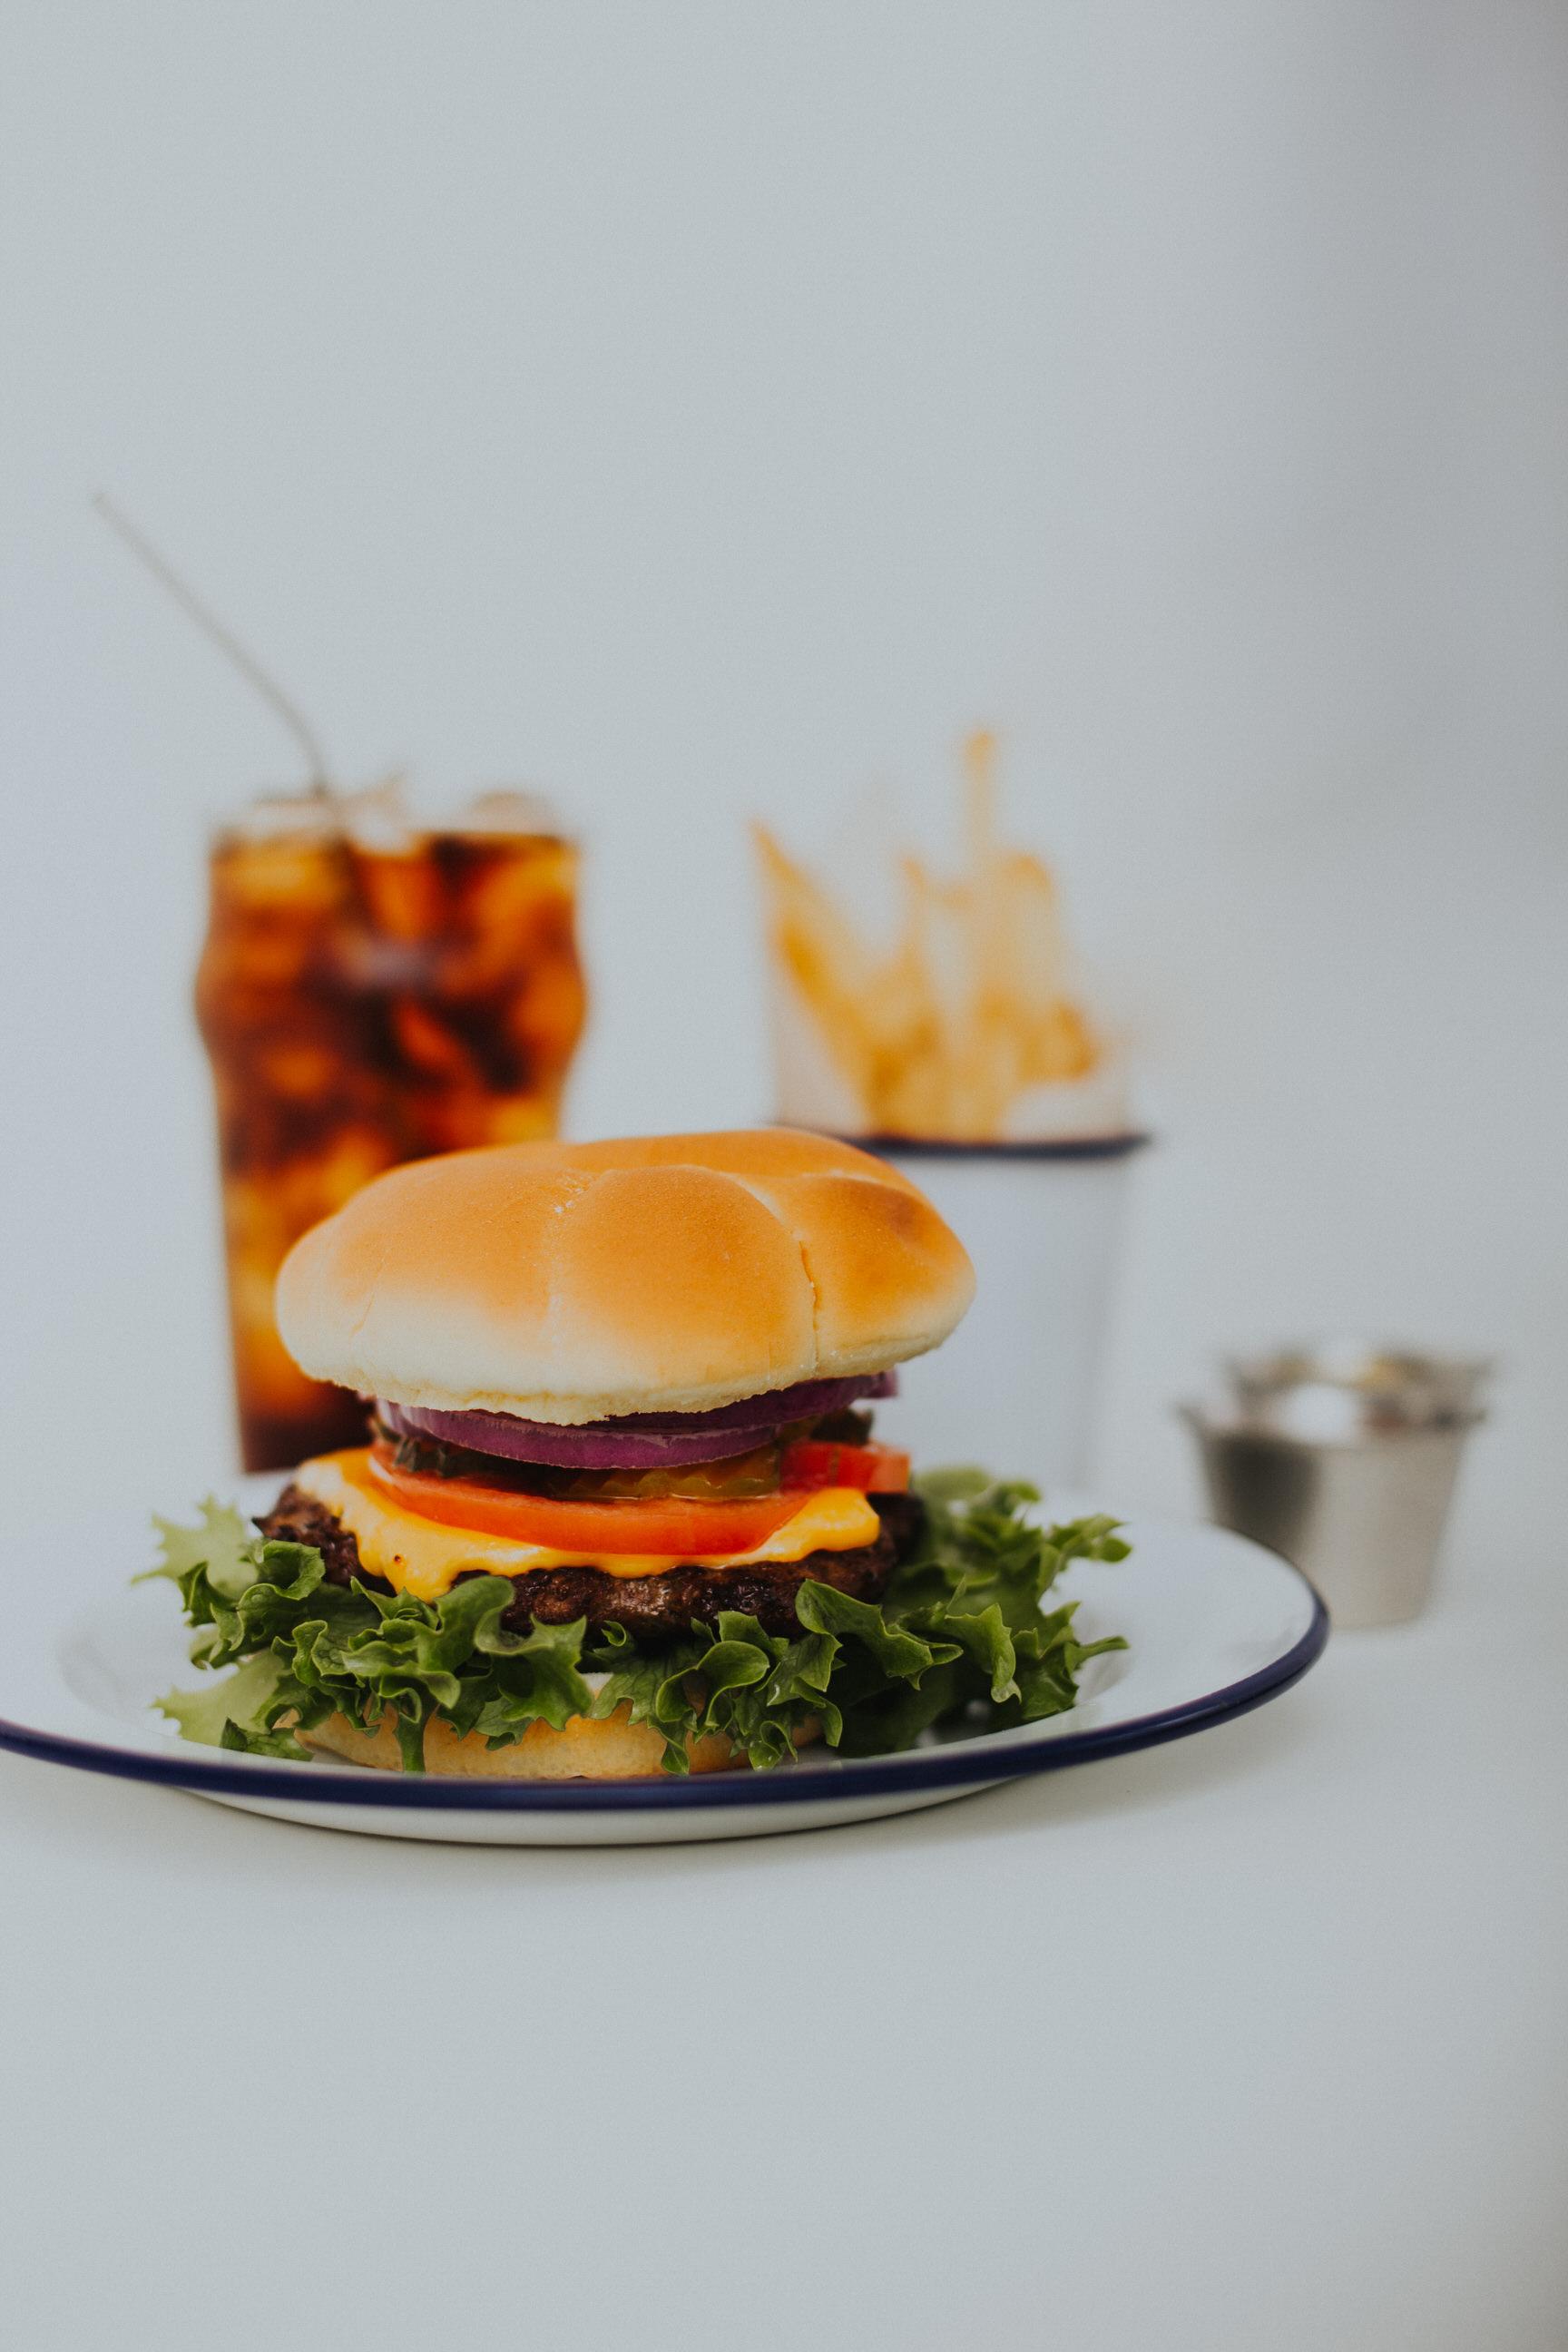 Food-48-1.jpg